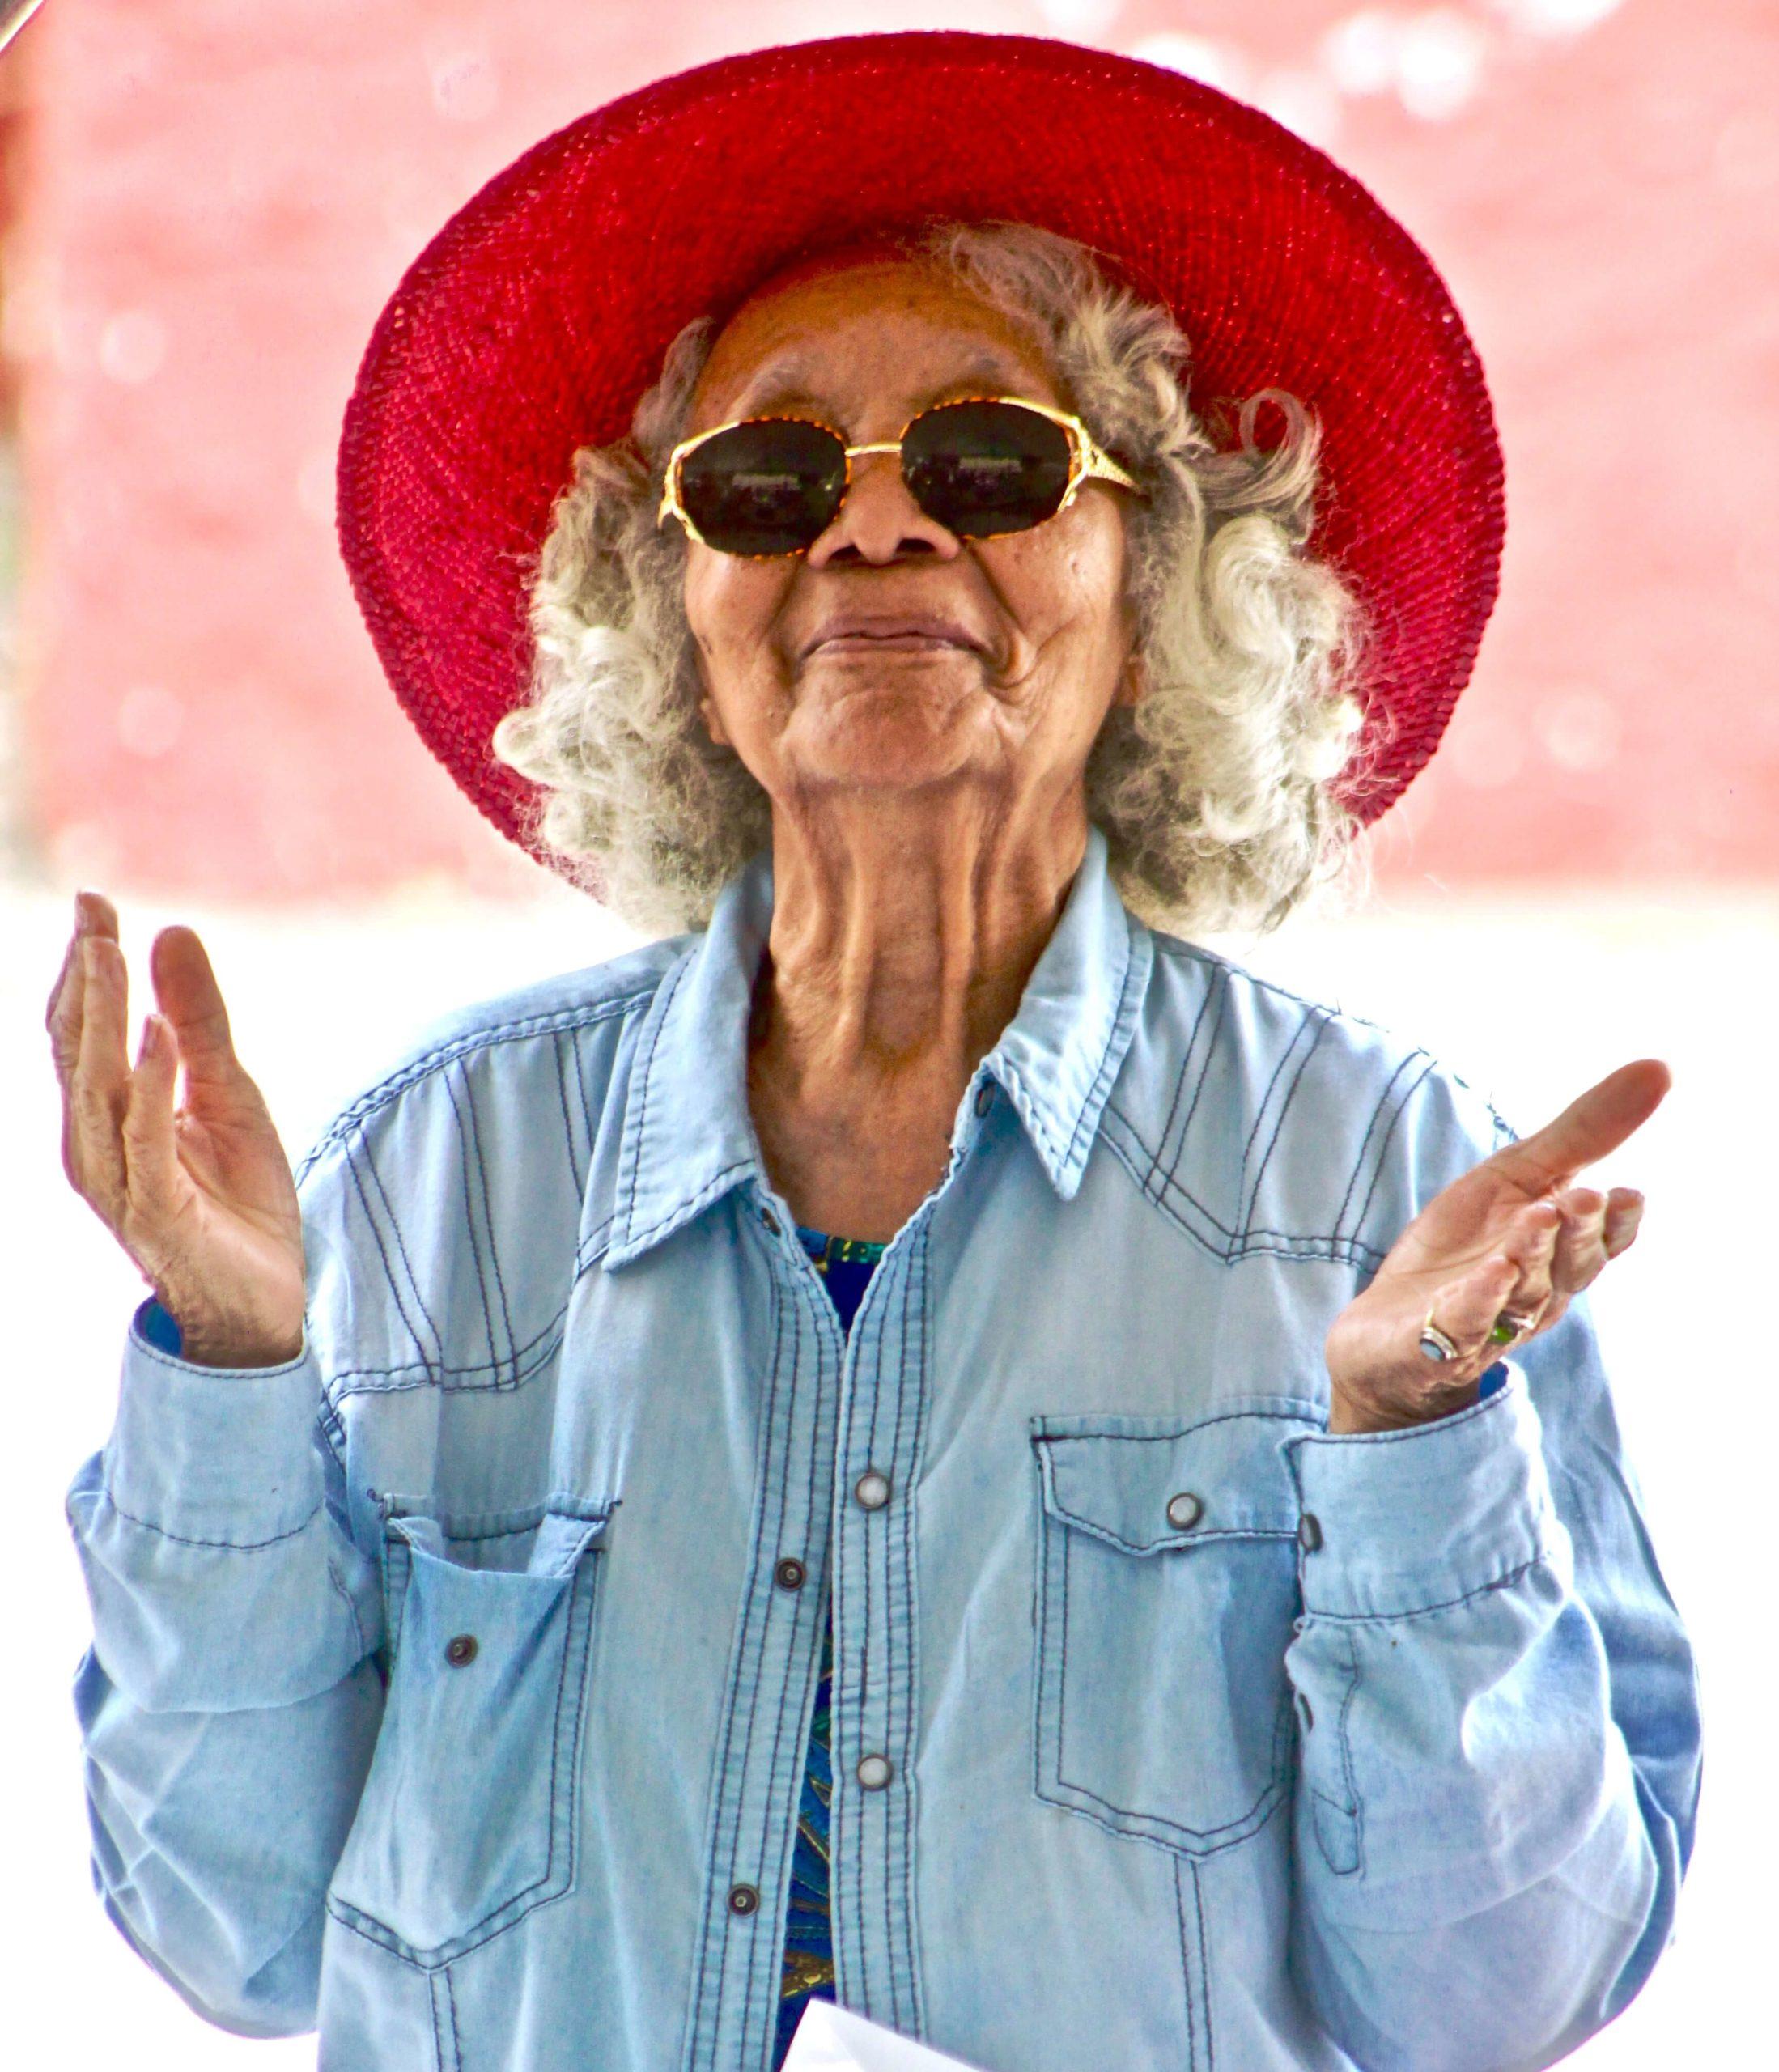 Sonnenscheinrabatt-Dame-mit-Sonnenbrille